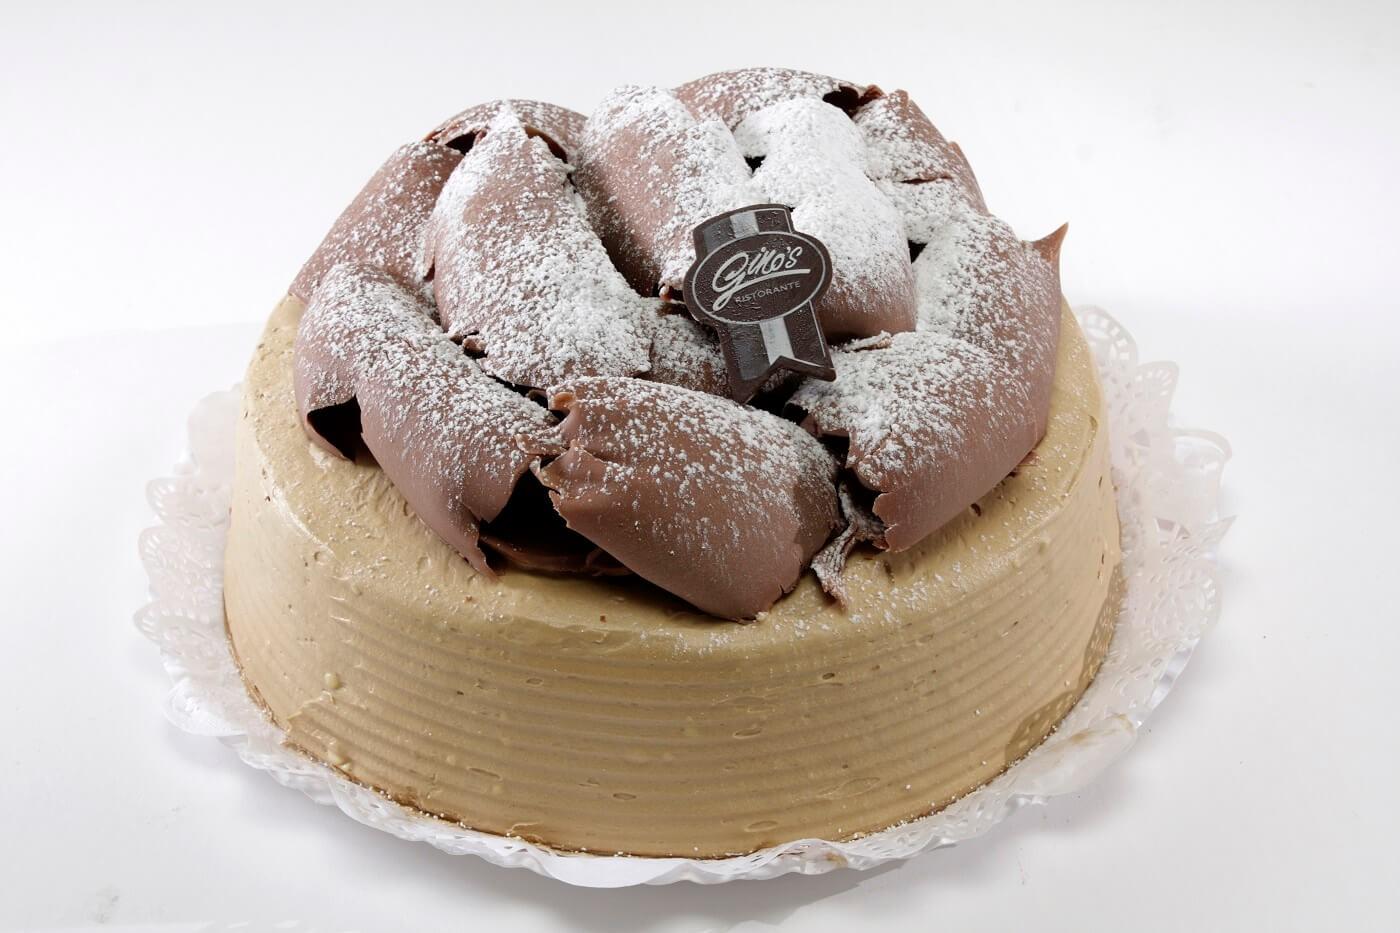 ginos-moka-brownie-pasteles-fiestas-bautizos-baby-shower-dulces